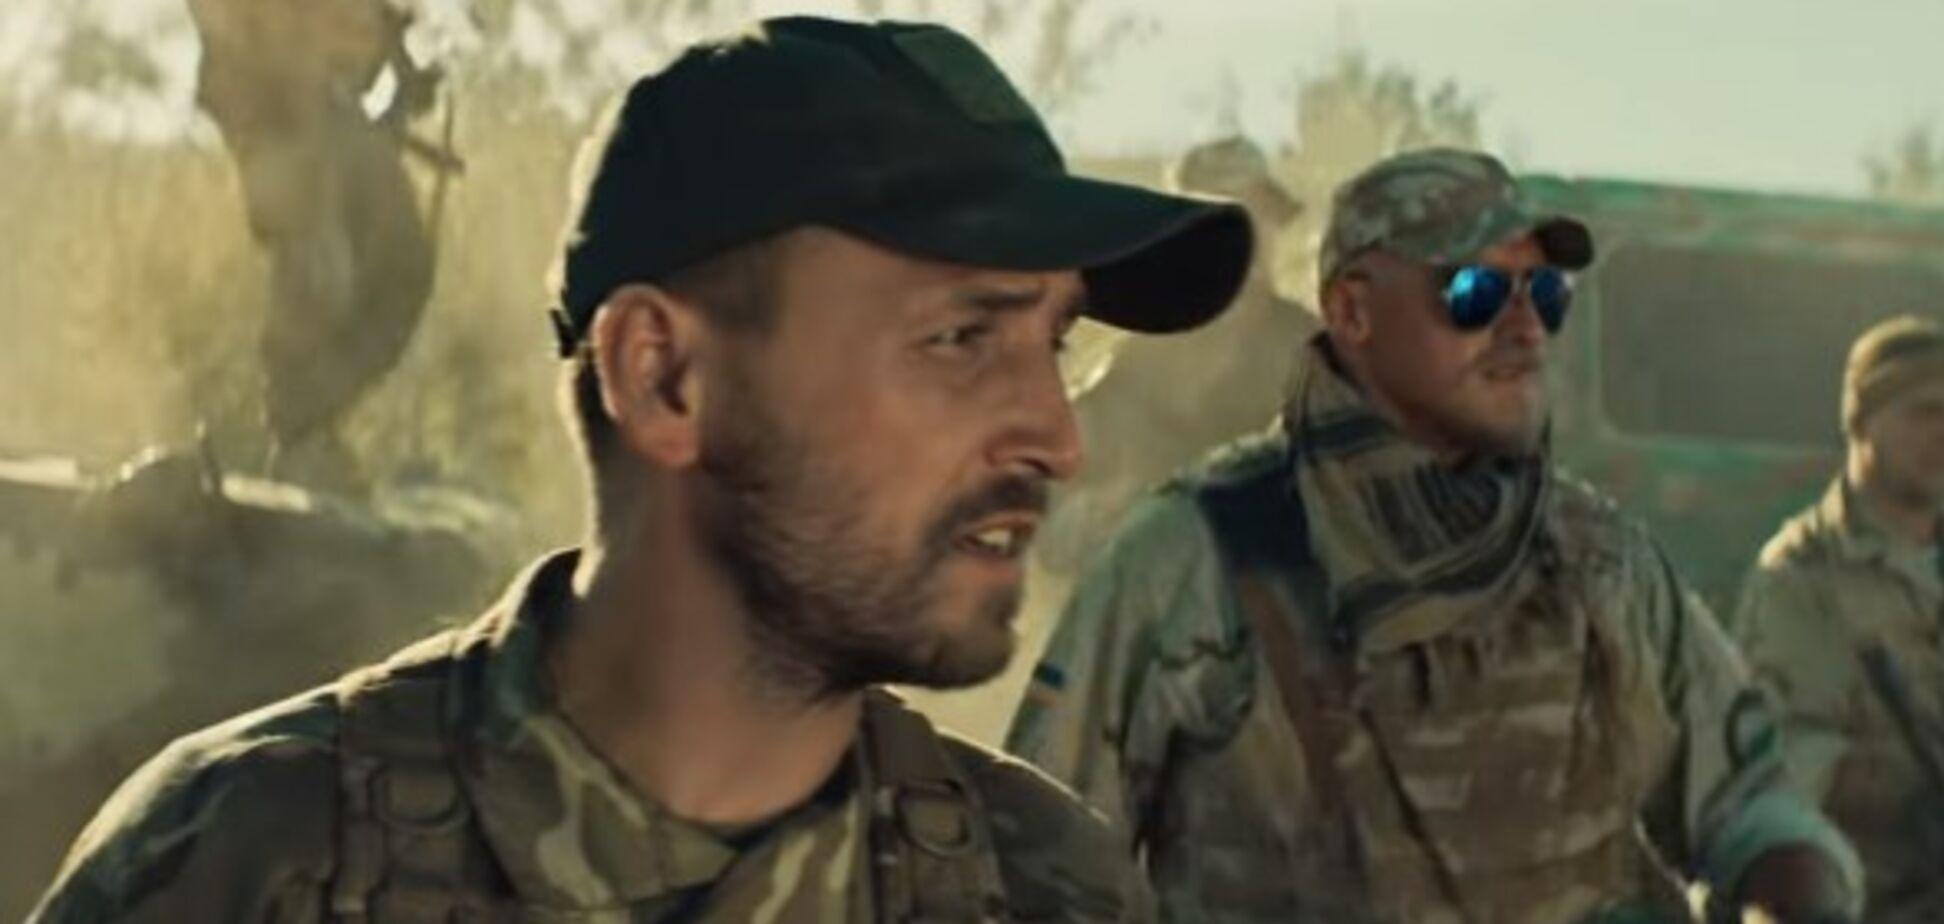 Украинские рокеры растрогали эмоциональным клипом с ветеранами Донбасса